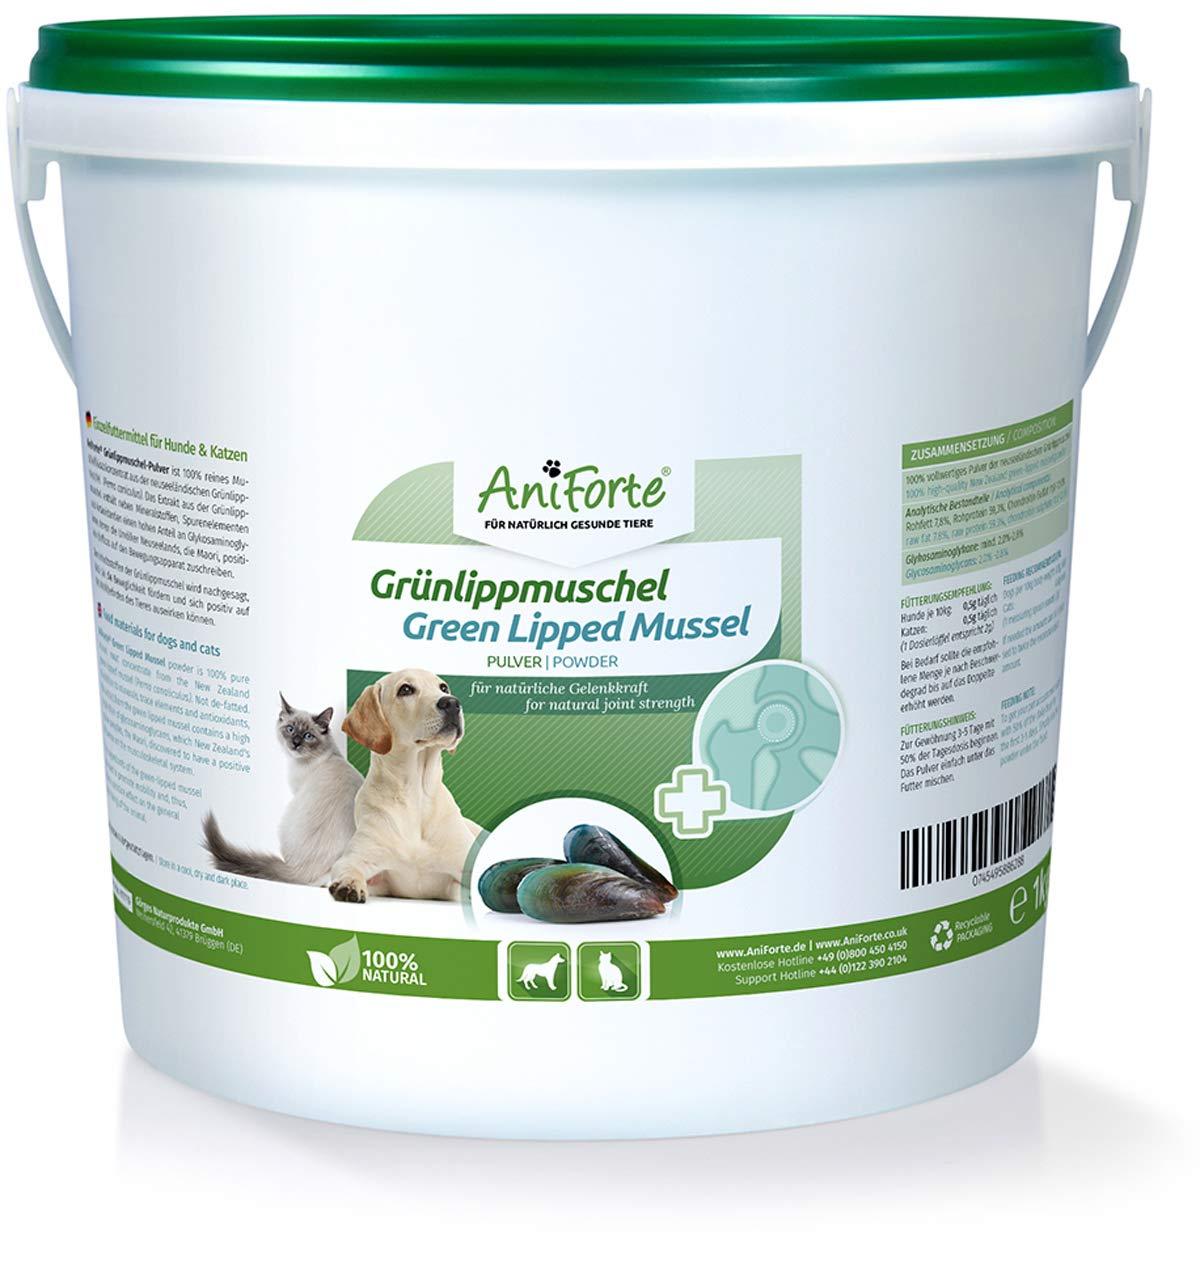 AniForte Vert Lipp Coquillage 1kg, Pour les Articulations, Nouvelle Joie de Mouvement, Pour Chiens et Chats Görges Naturprodukte GmbH